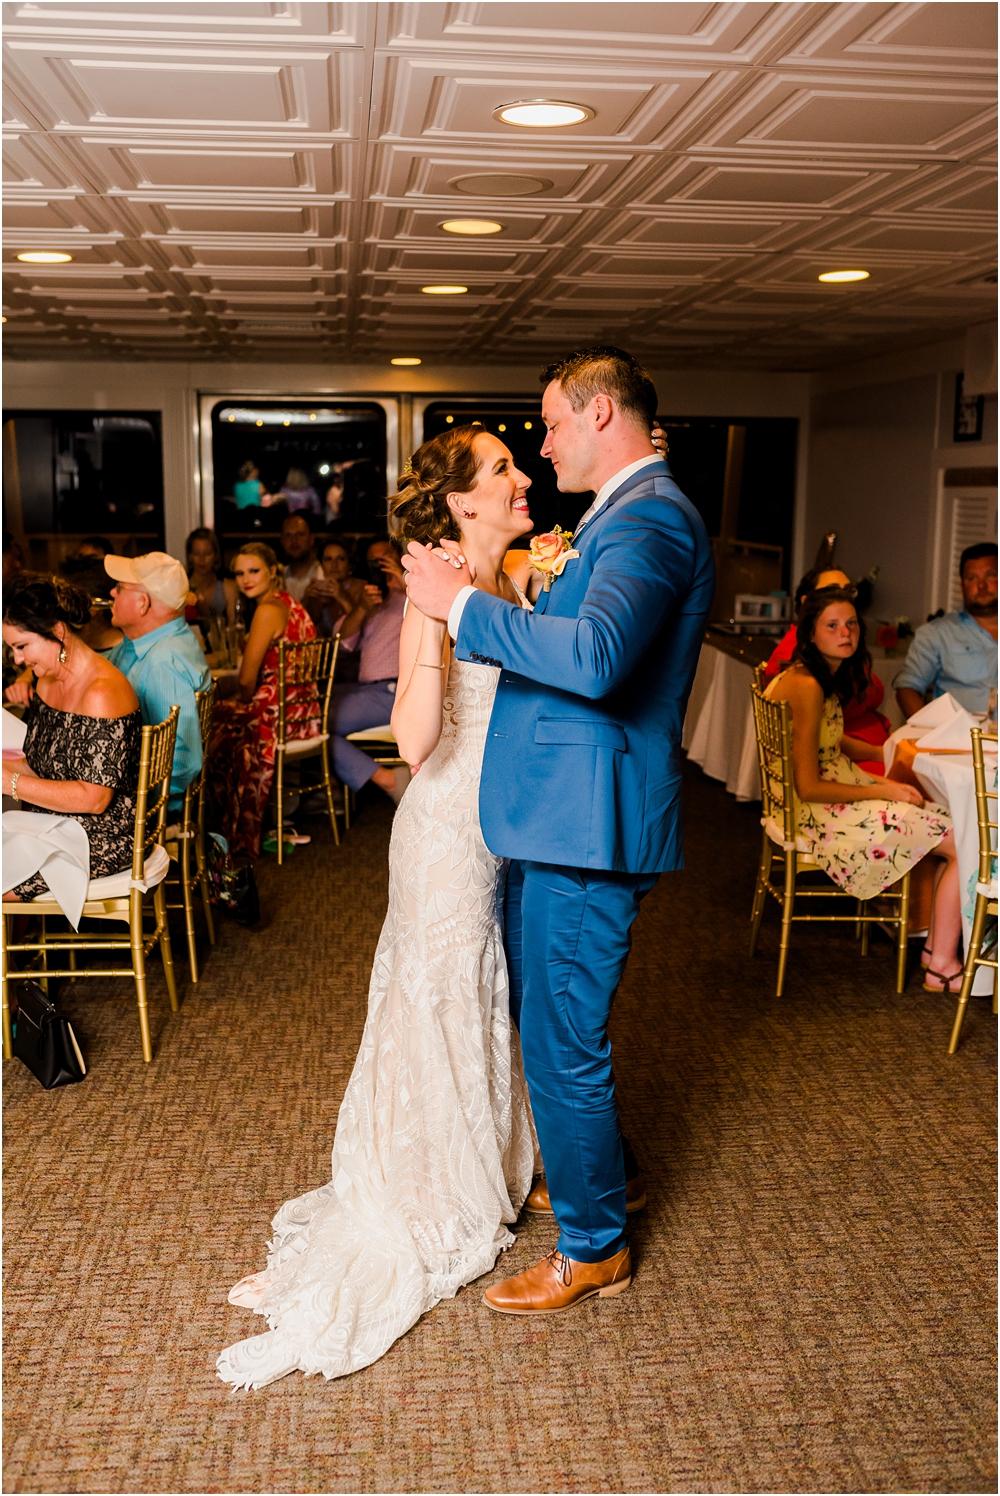 destin-sunquest-cruise-wedding-kiersten-stevenson-photography-119.jpg